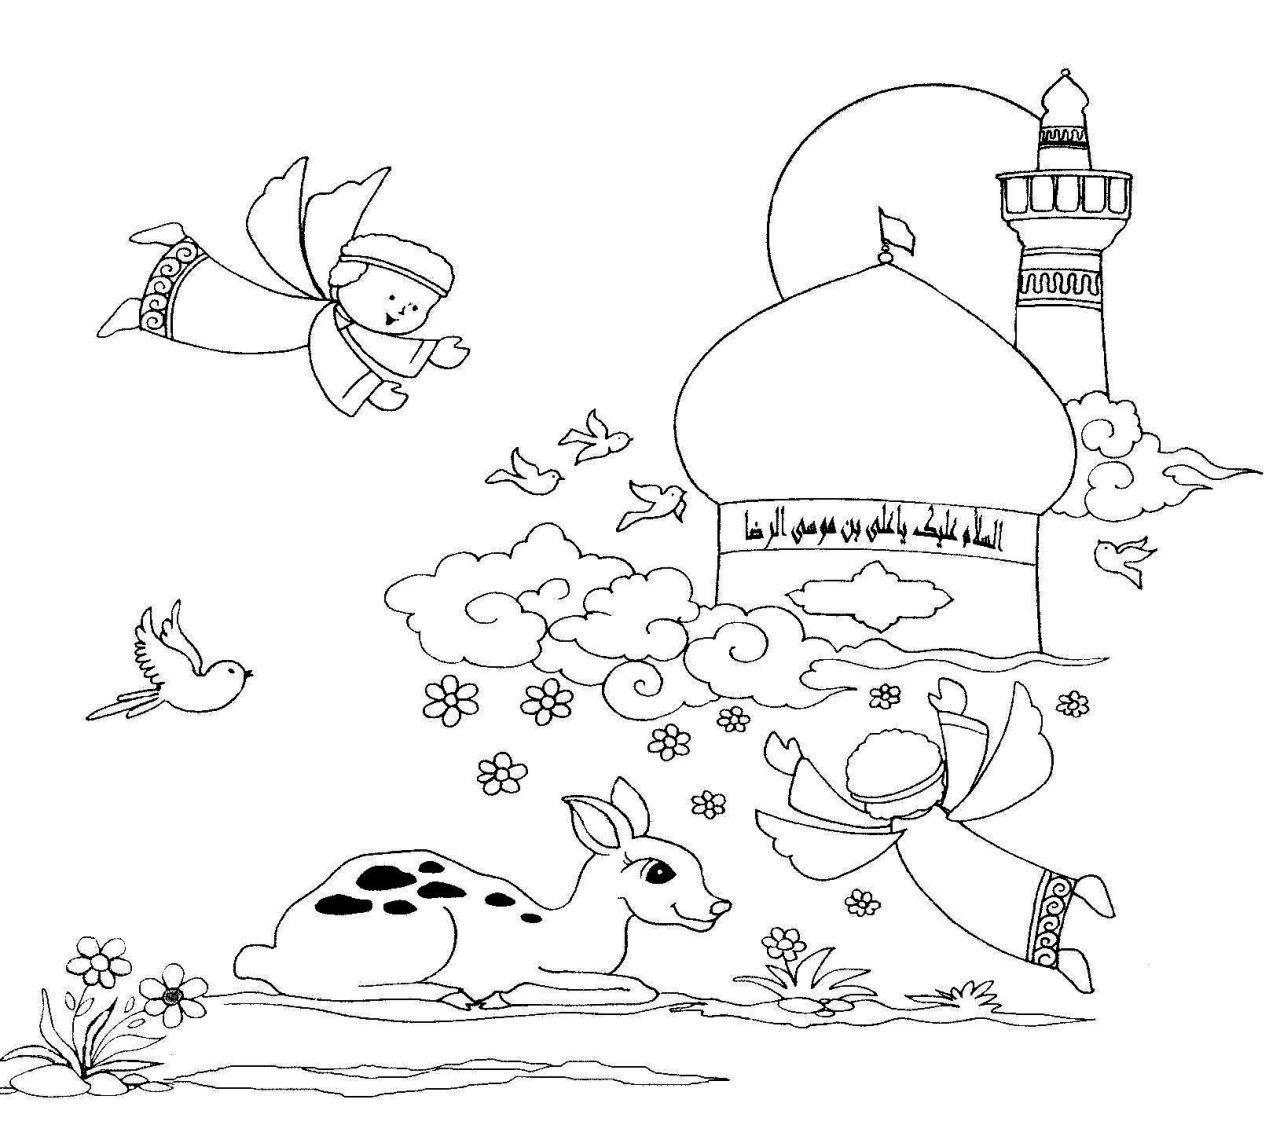 photo ۲۰۱۸ ۱۱ ۰۲ ۱۸ ۲۹ ۰۷ - دانلود واحدکار شهادت امام رضا ع – کاردستی و رنگ آمیزی برای مهد کودک و پیش دبستانی